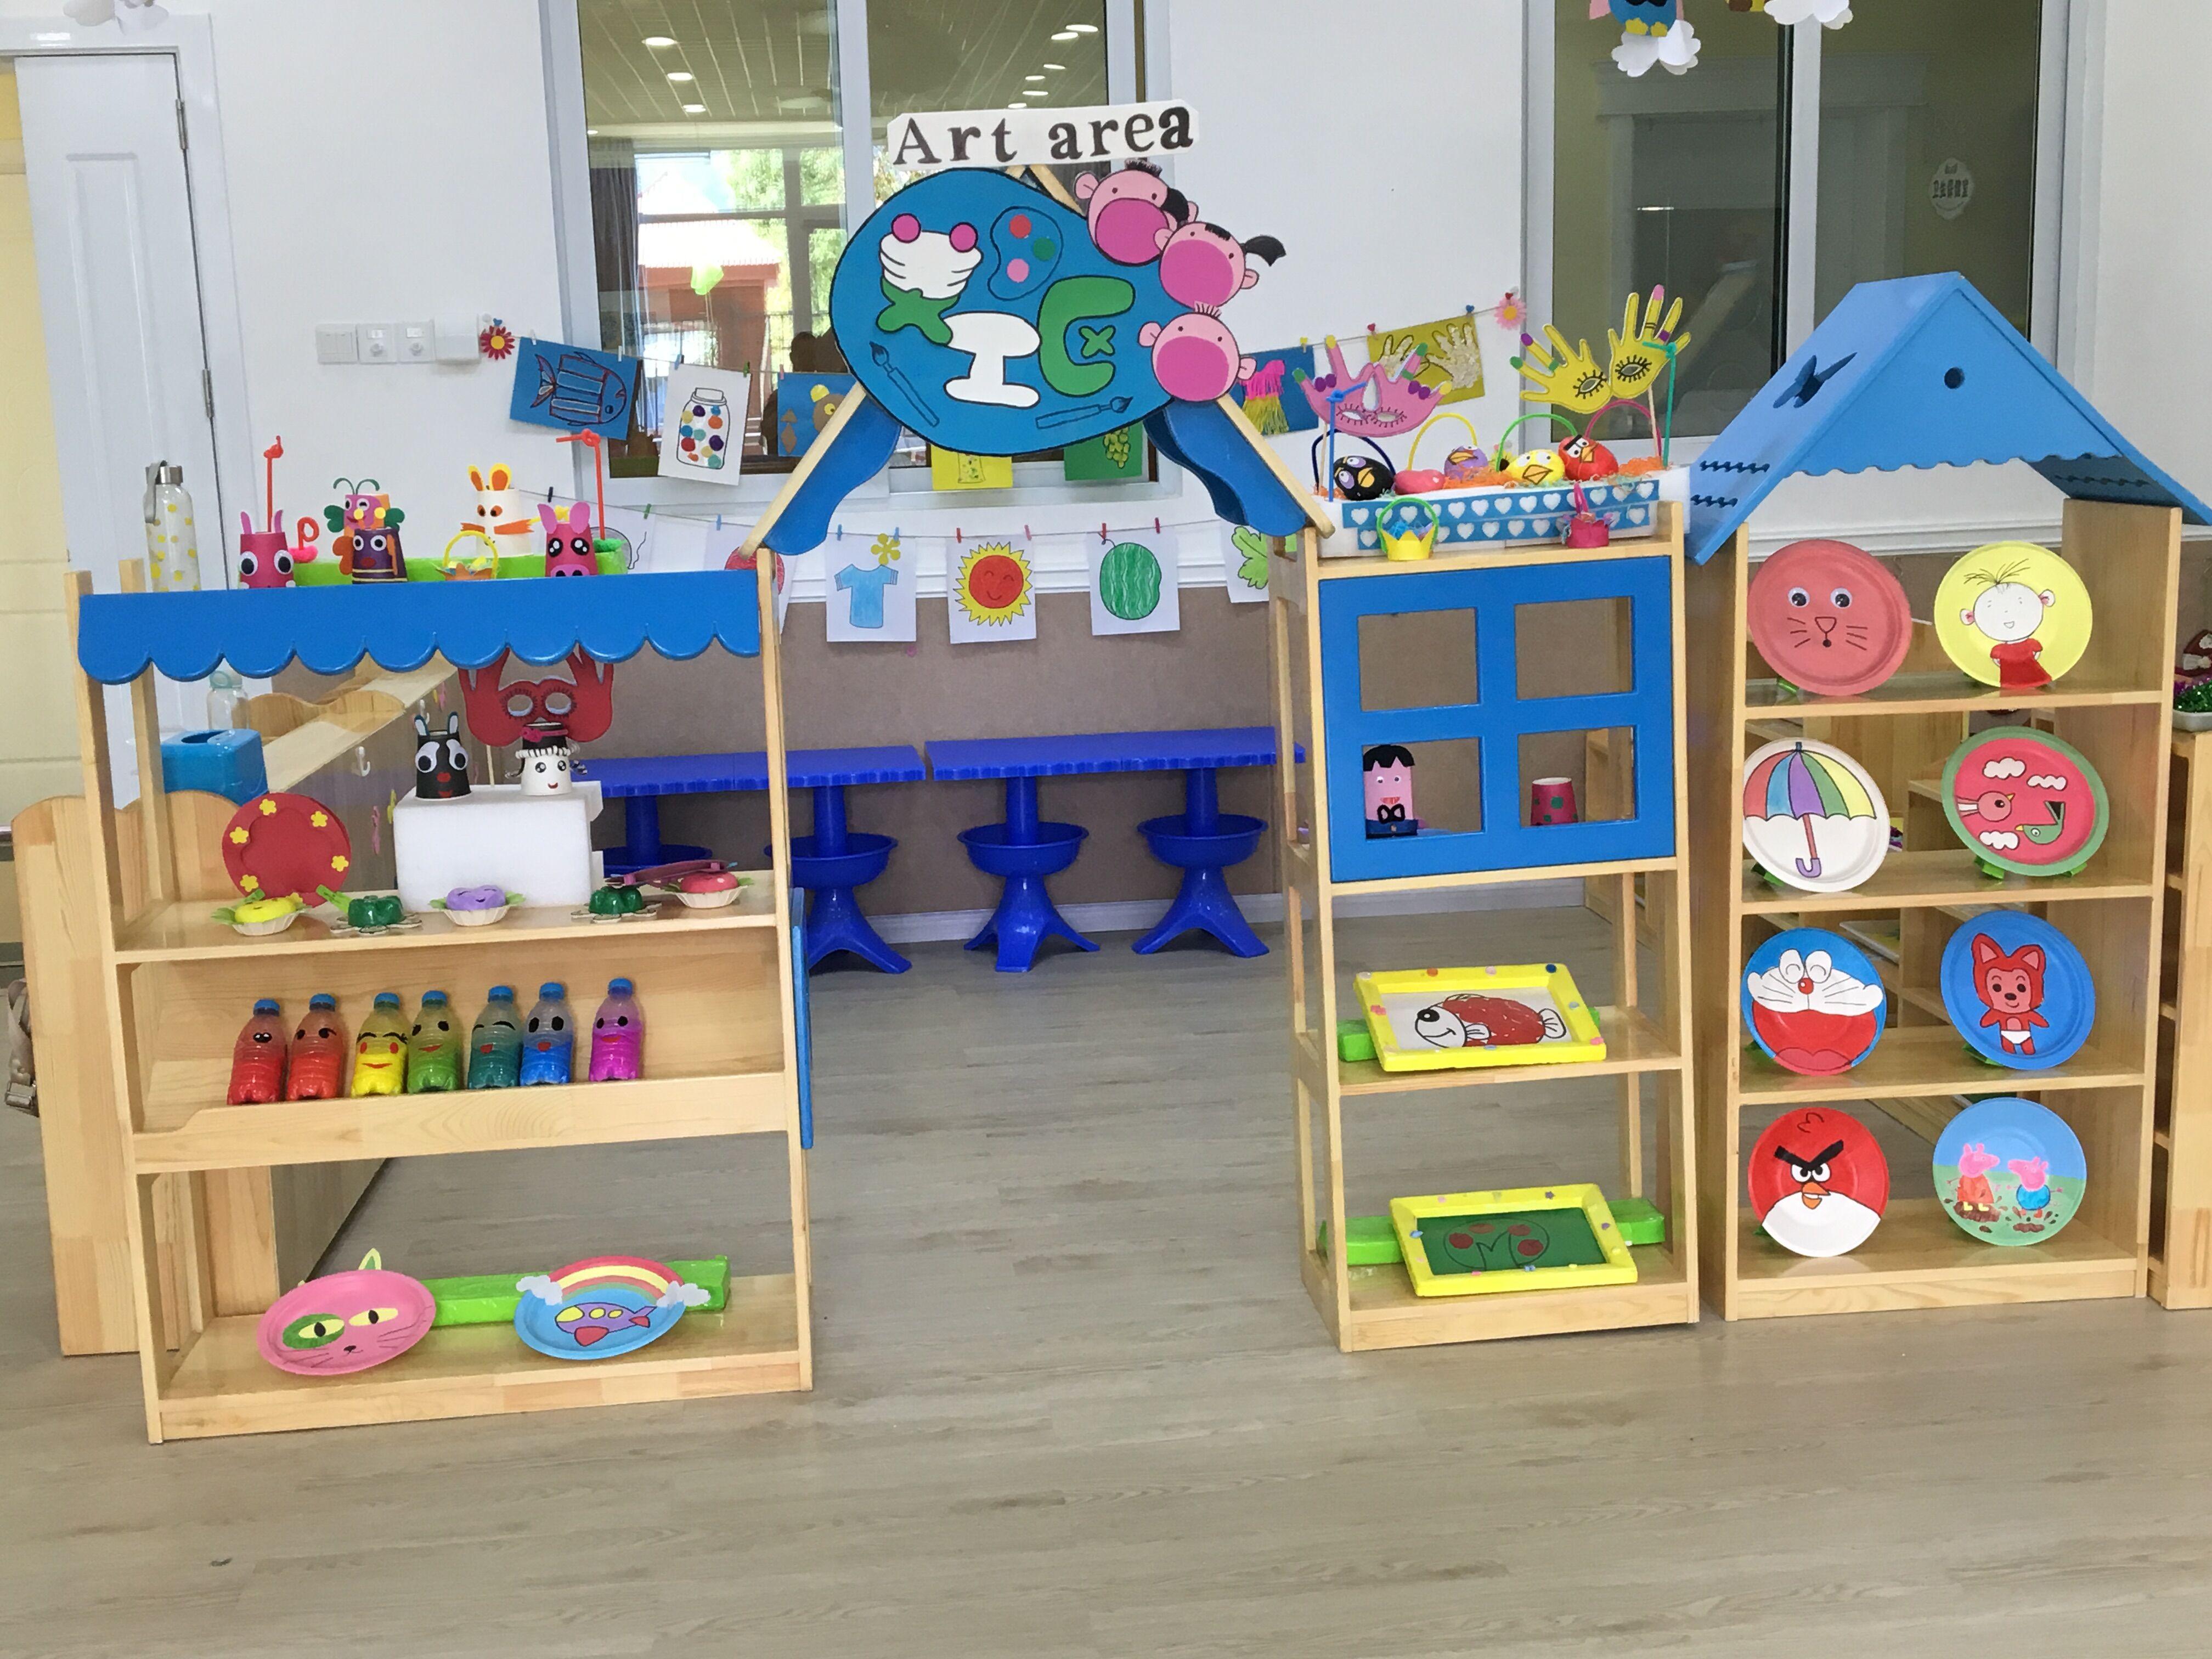 幼儿阅读区区域设计图